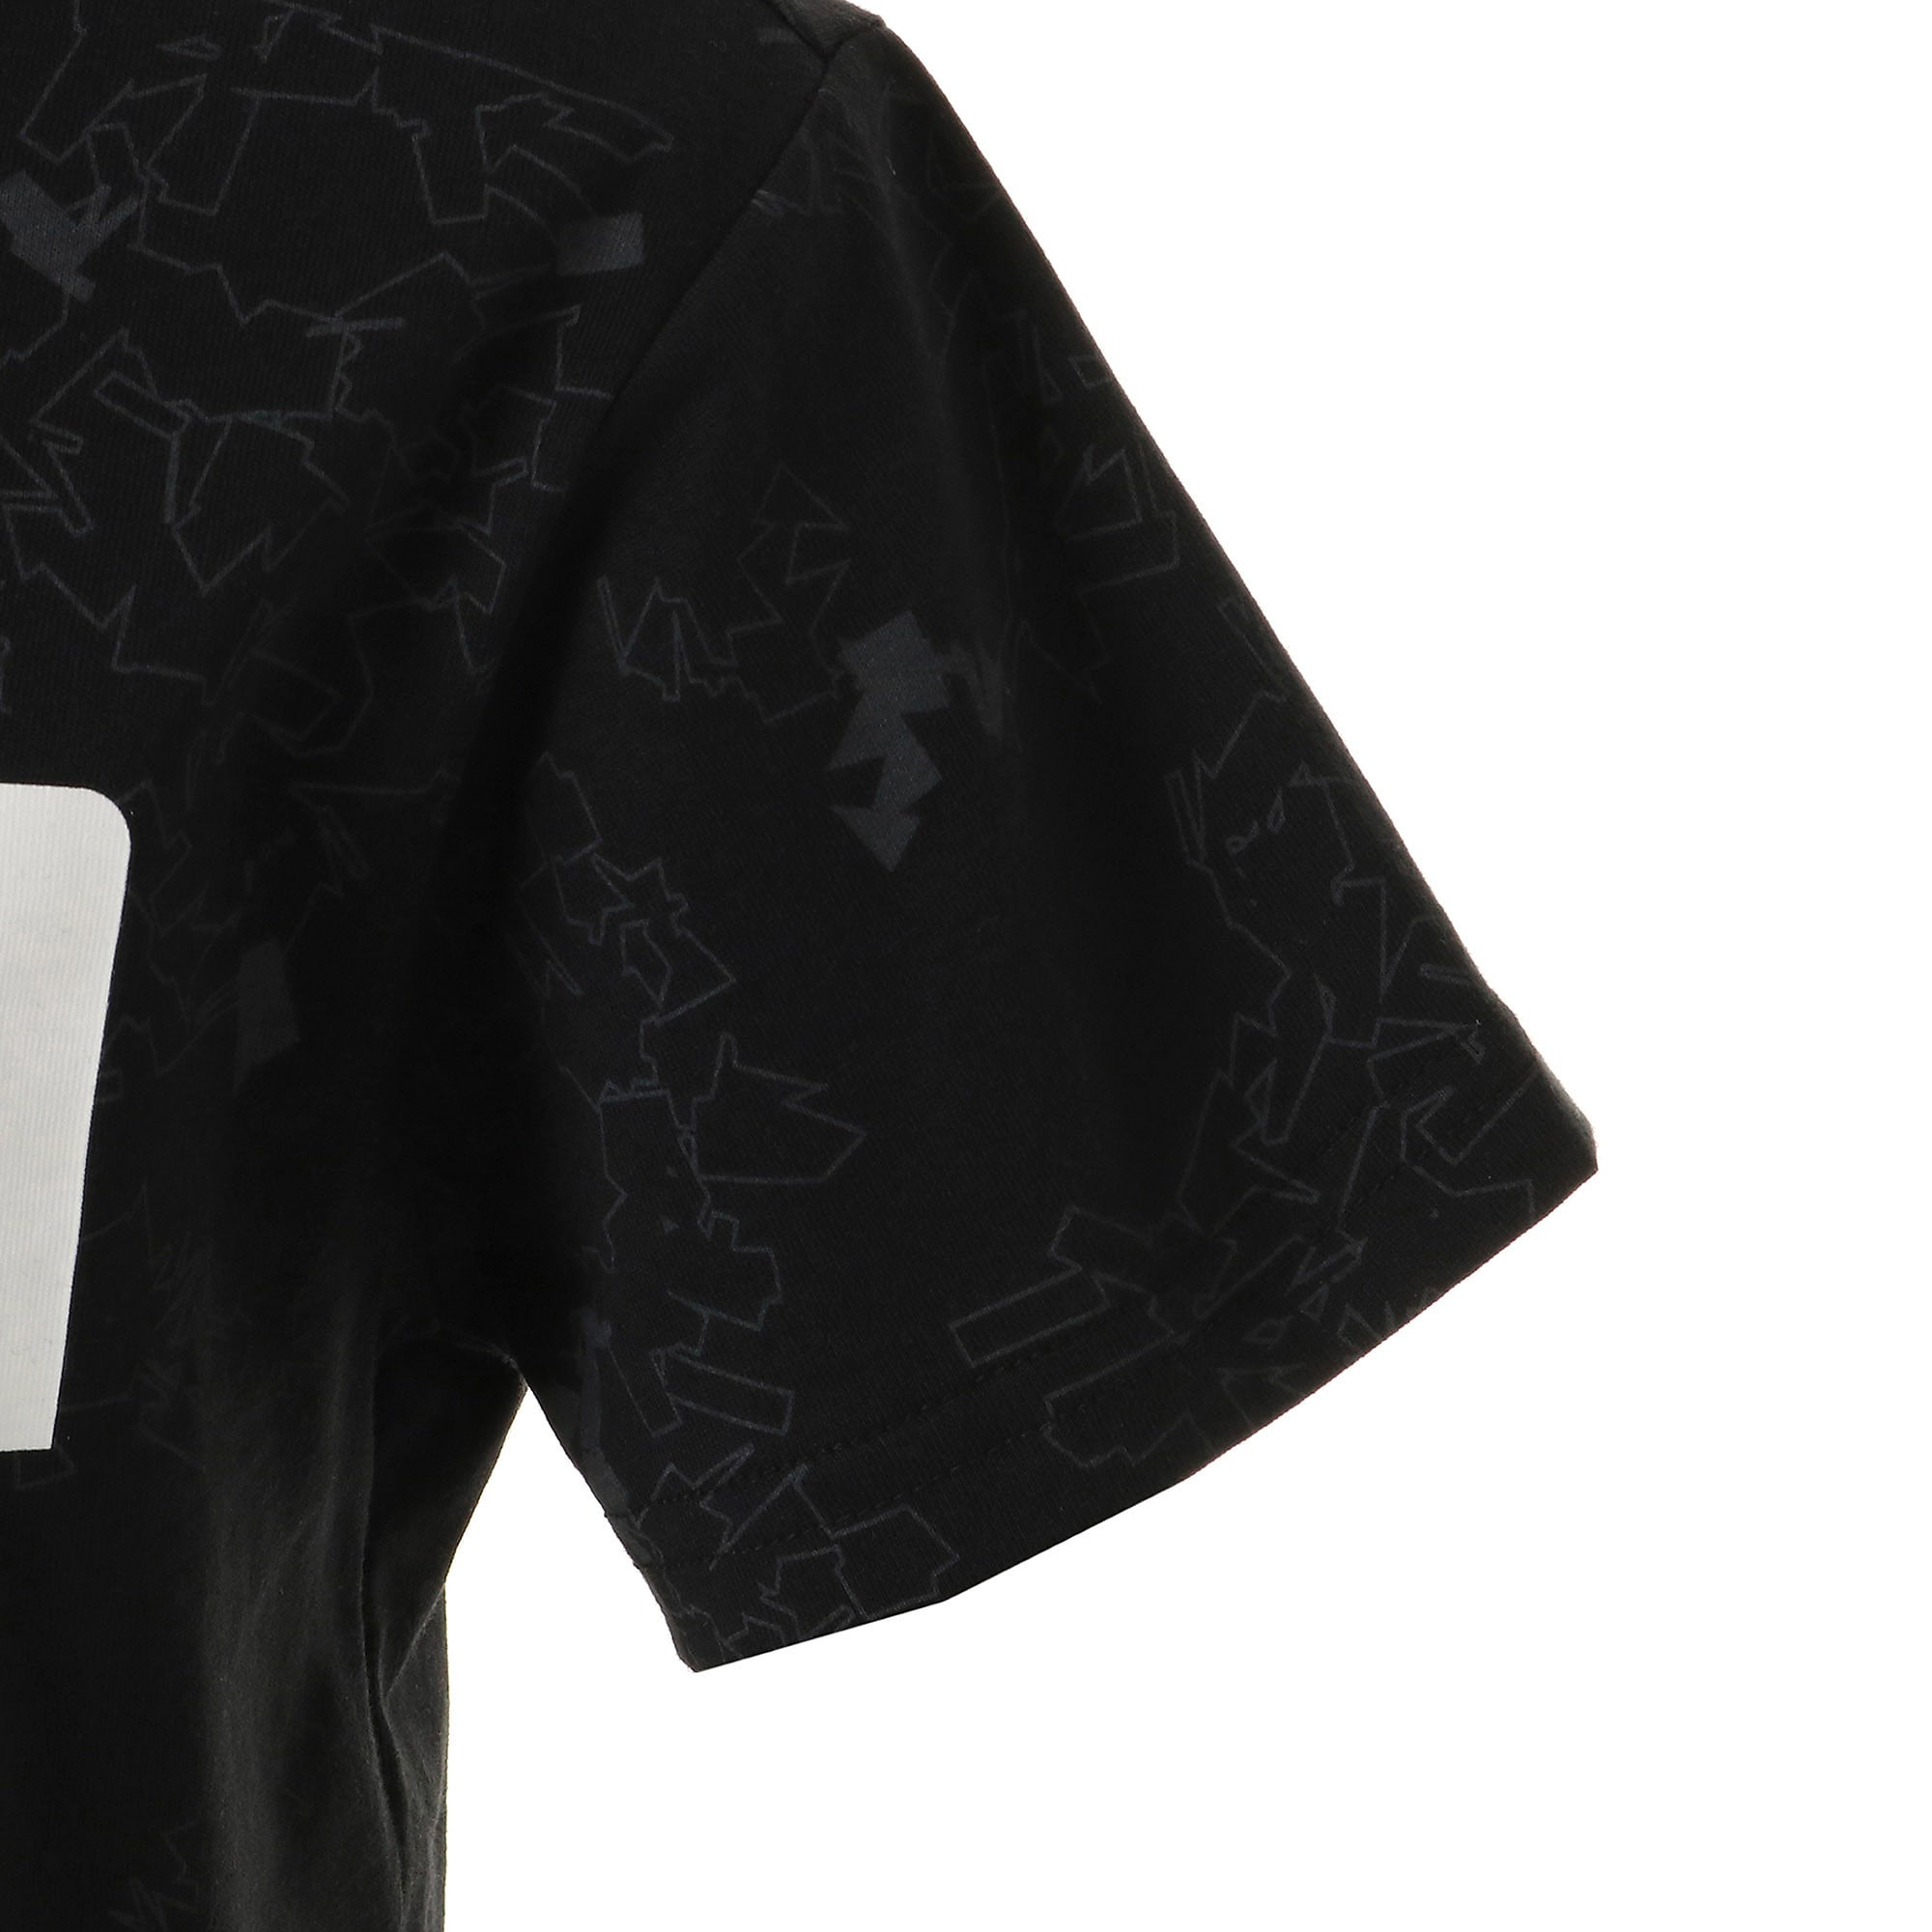 Thumbnail 5 of キッズ ACTIVE SS AOP Tシャツ 半袖, Puma Black, medium-JPN